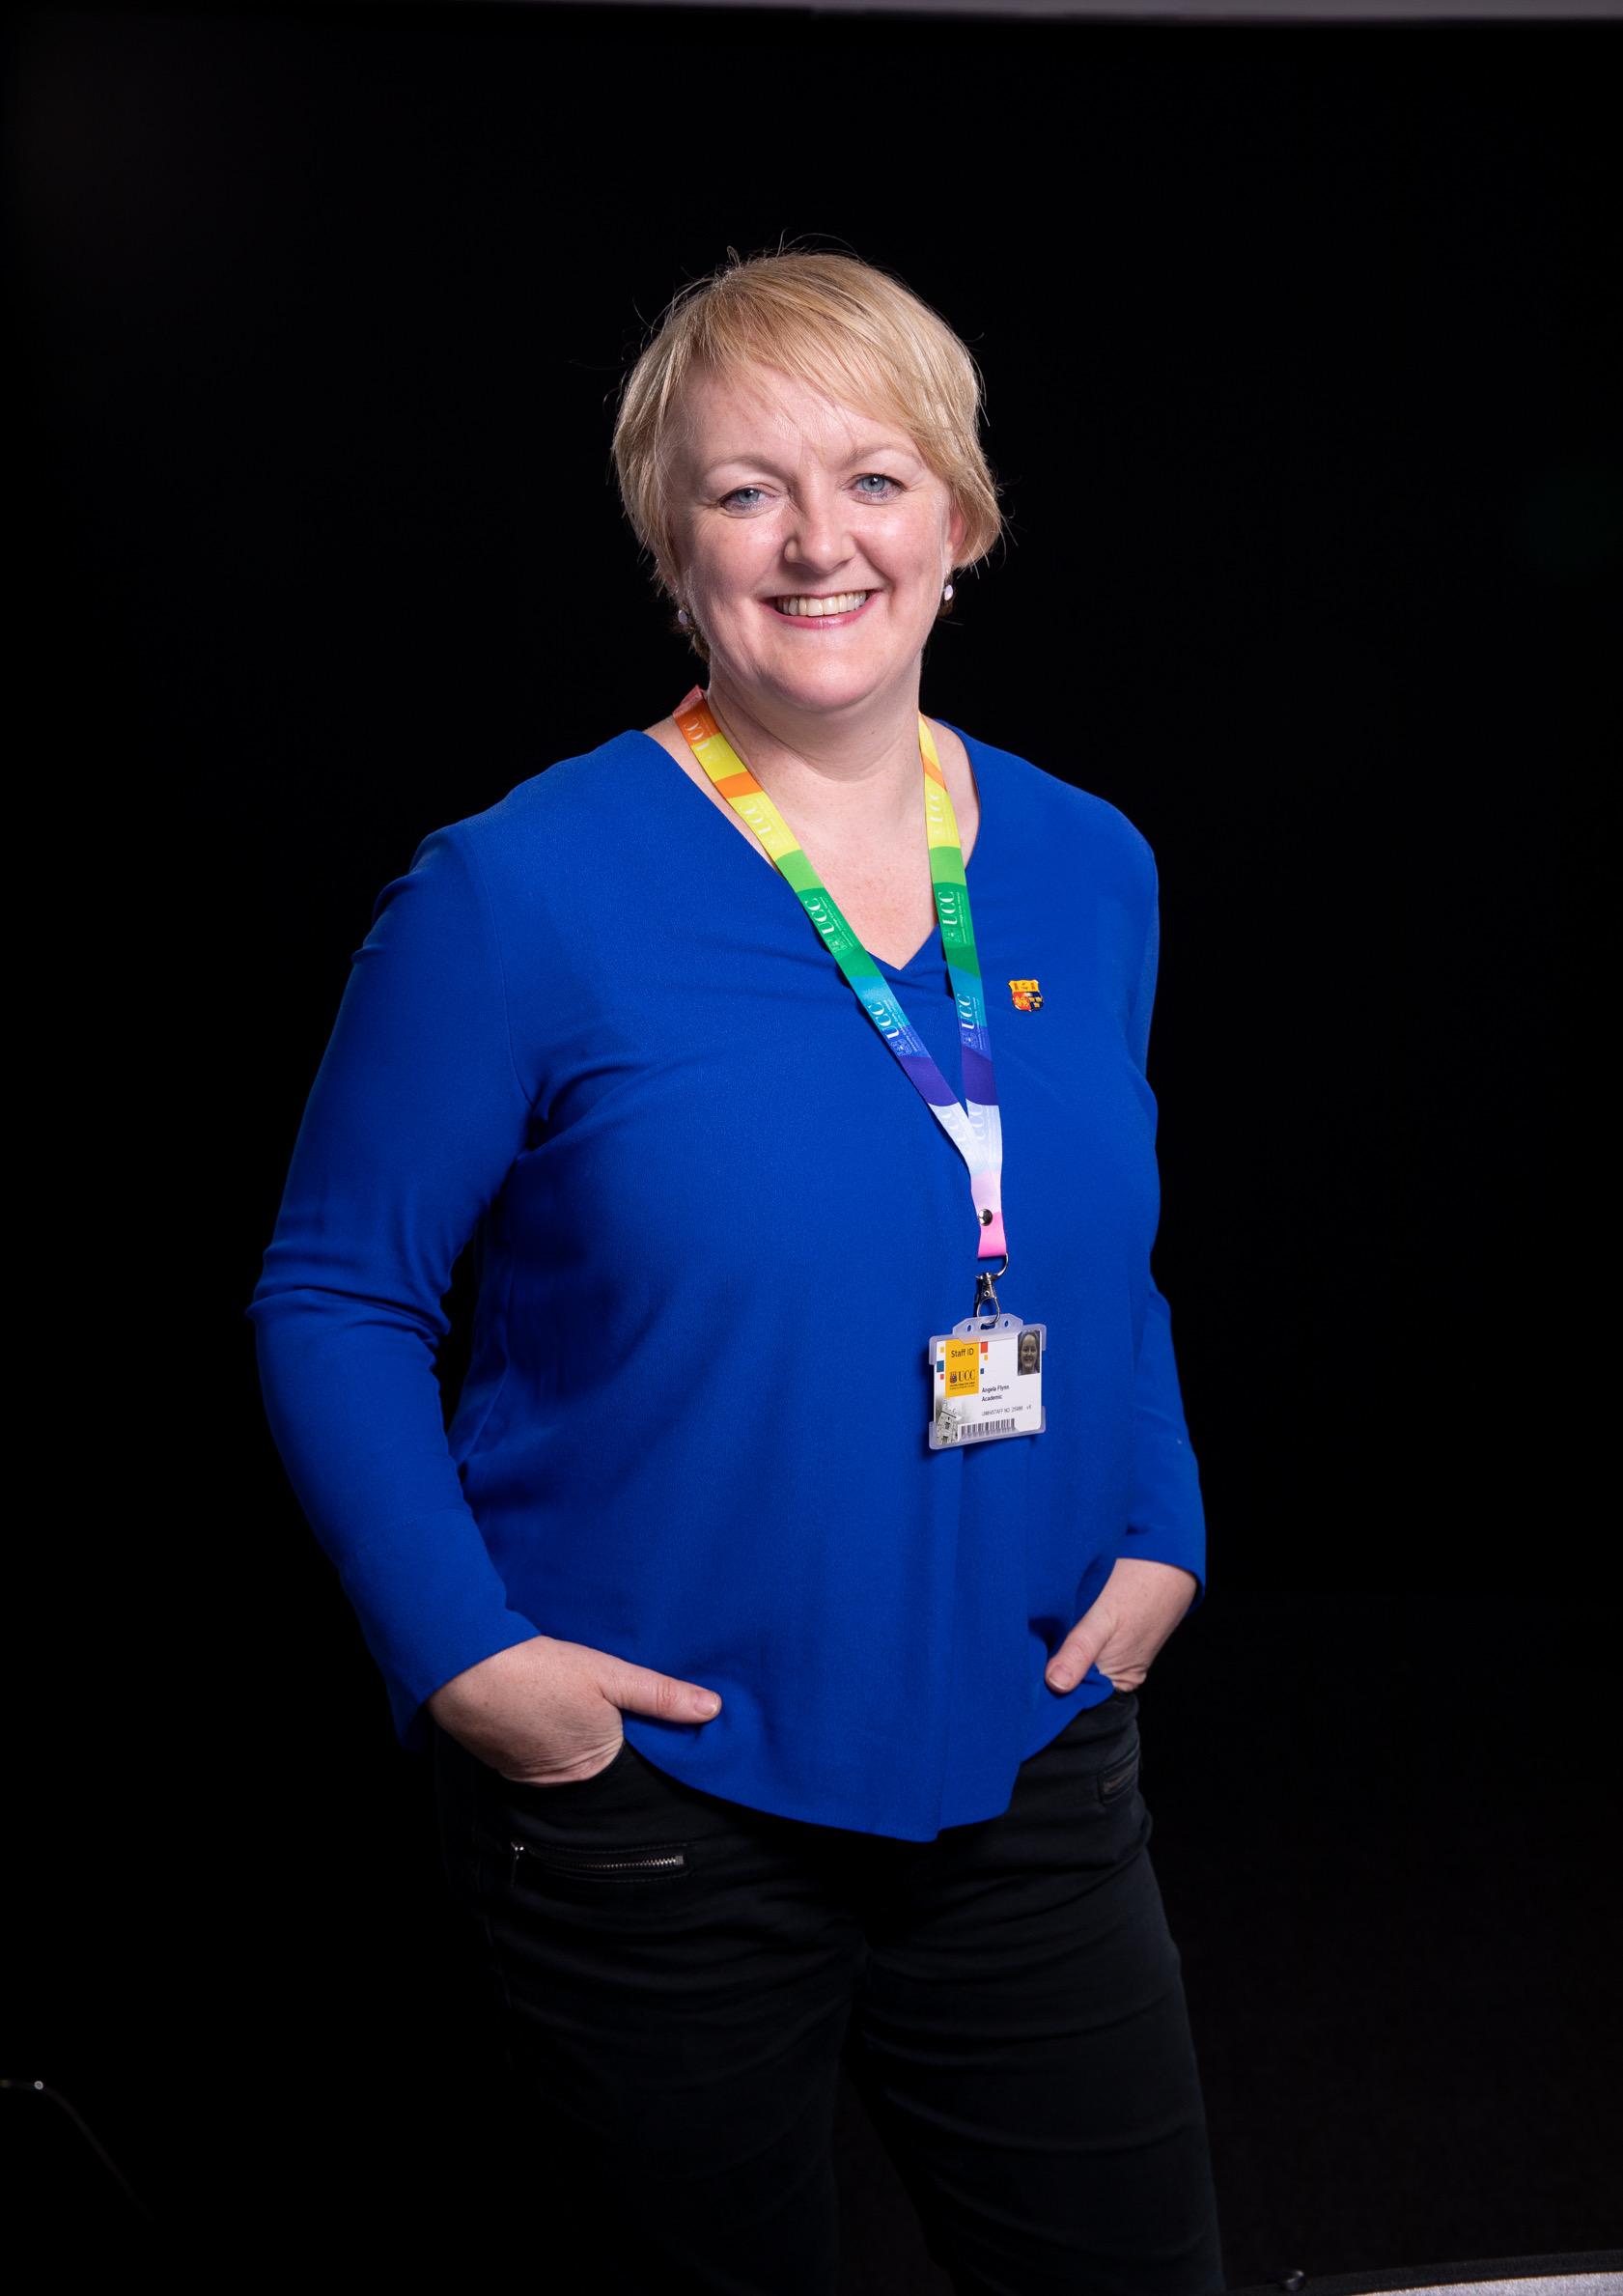 UCC Research Profiles: Angela Flynn, Nursing & Midwifery